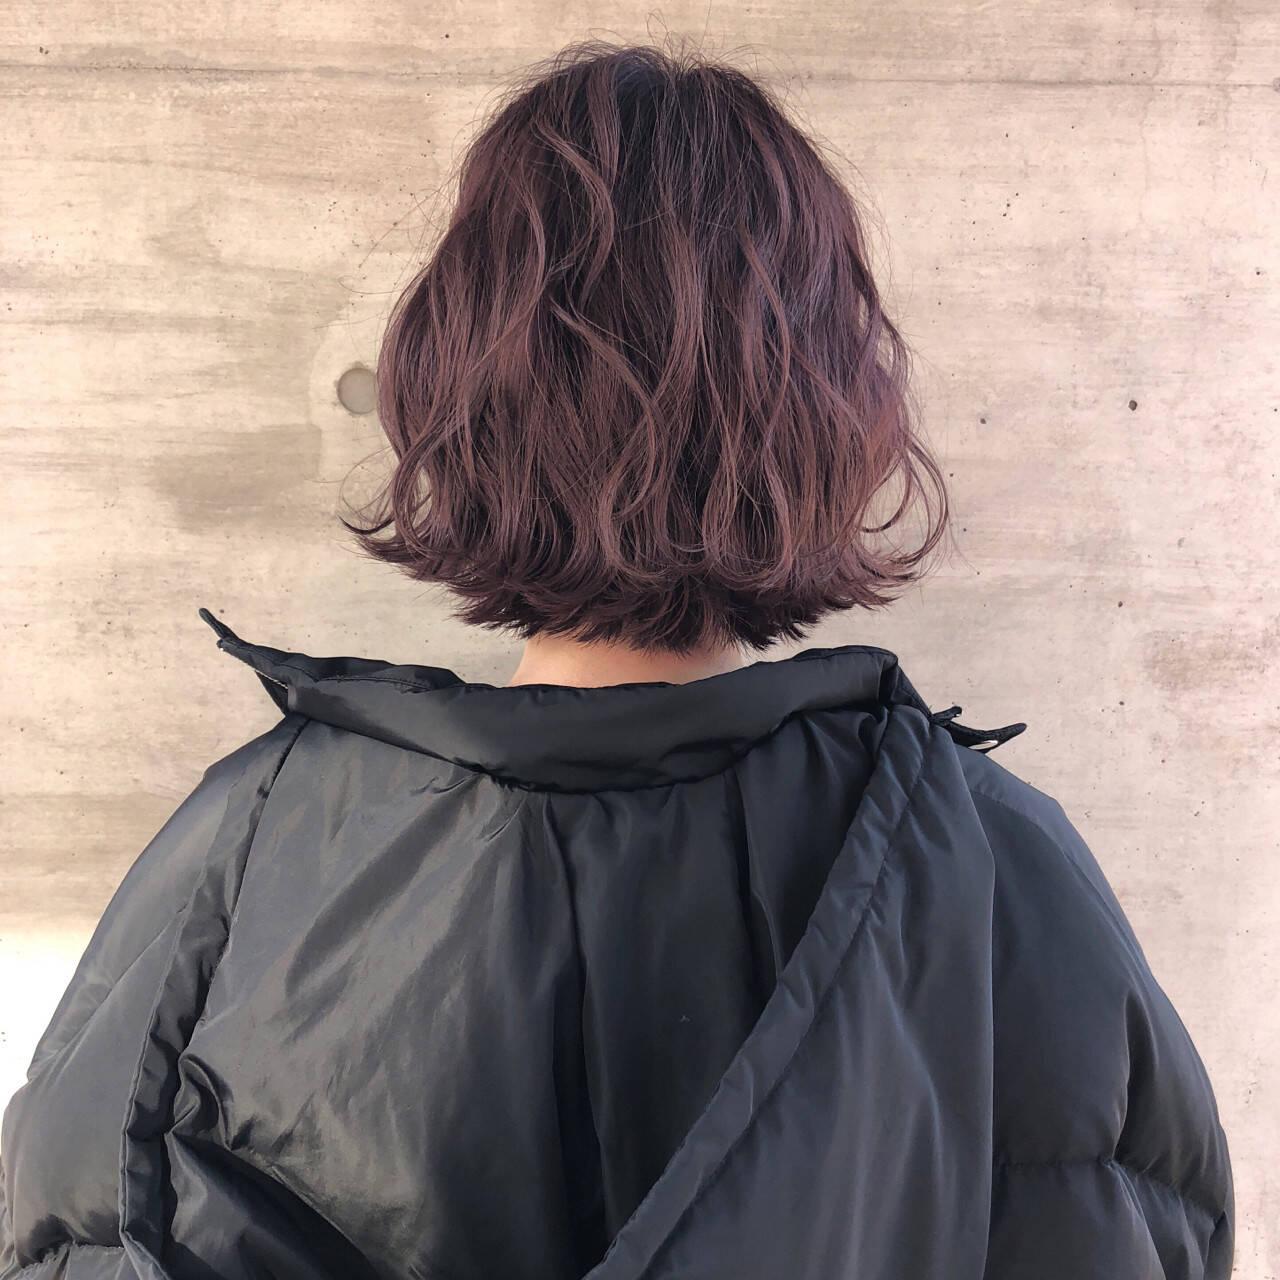 ボブ ピンクアッシュ 透明感 アンニュイヘアスタイルや髪型の写真・画像